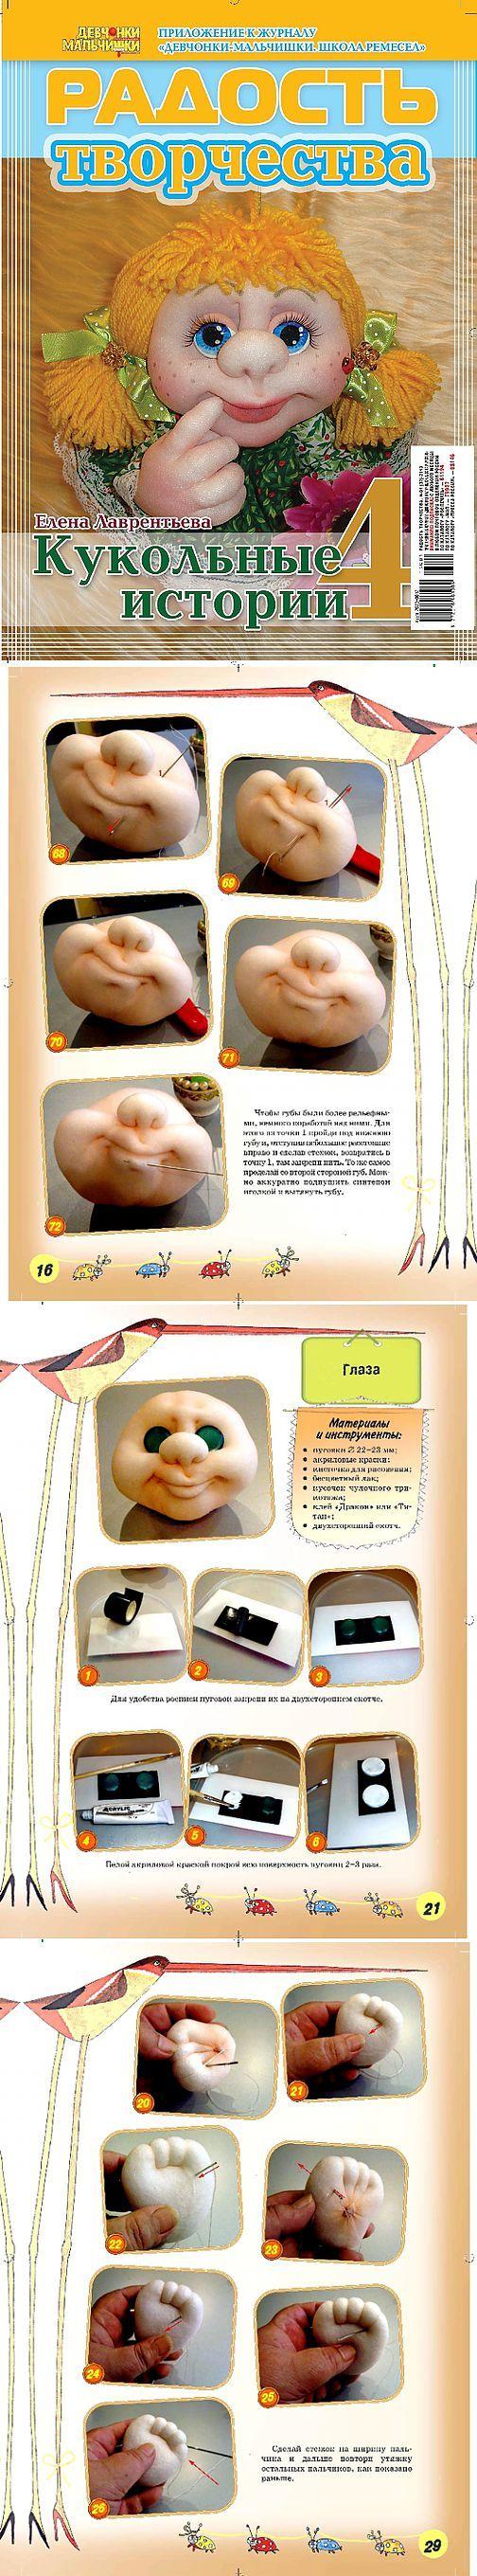 инструкция по роботе кукол из капрона